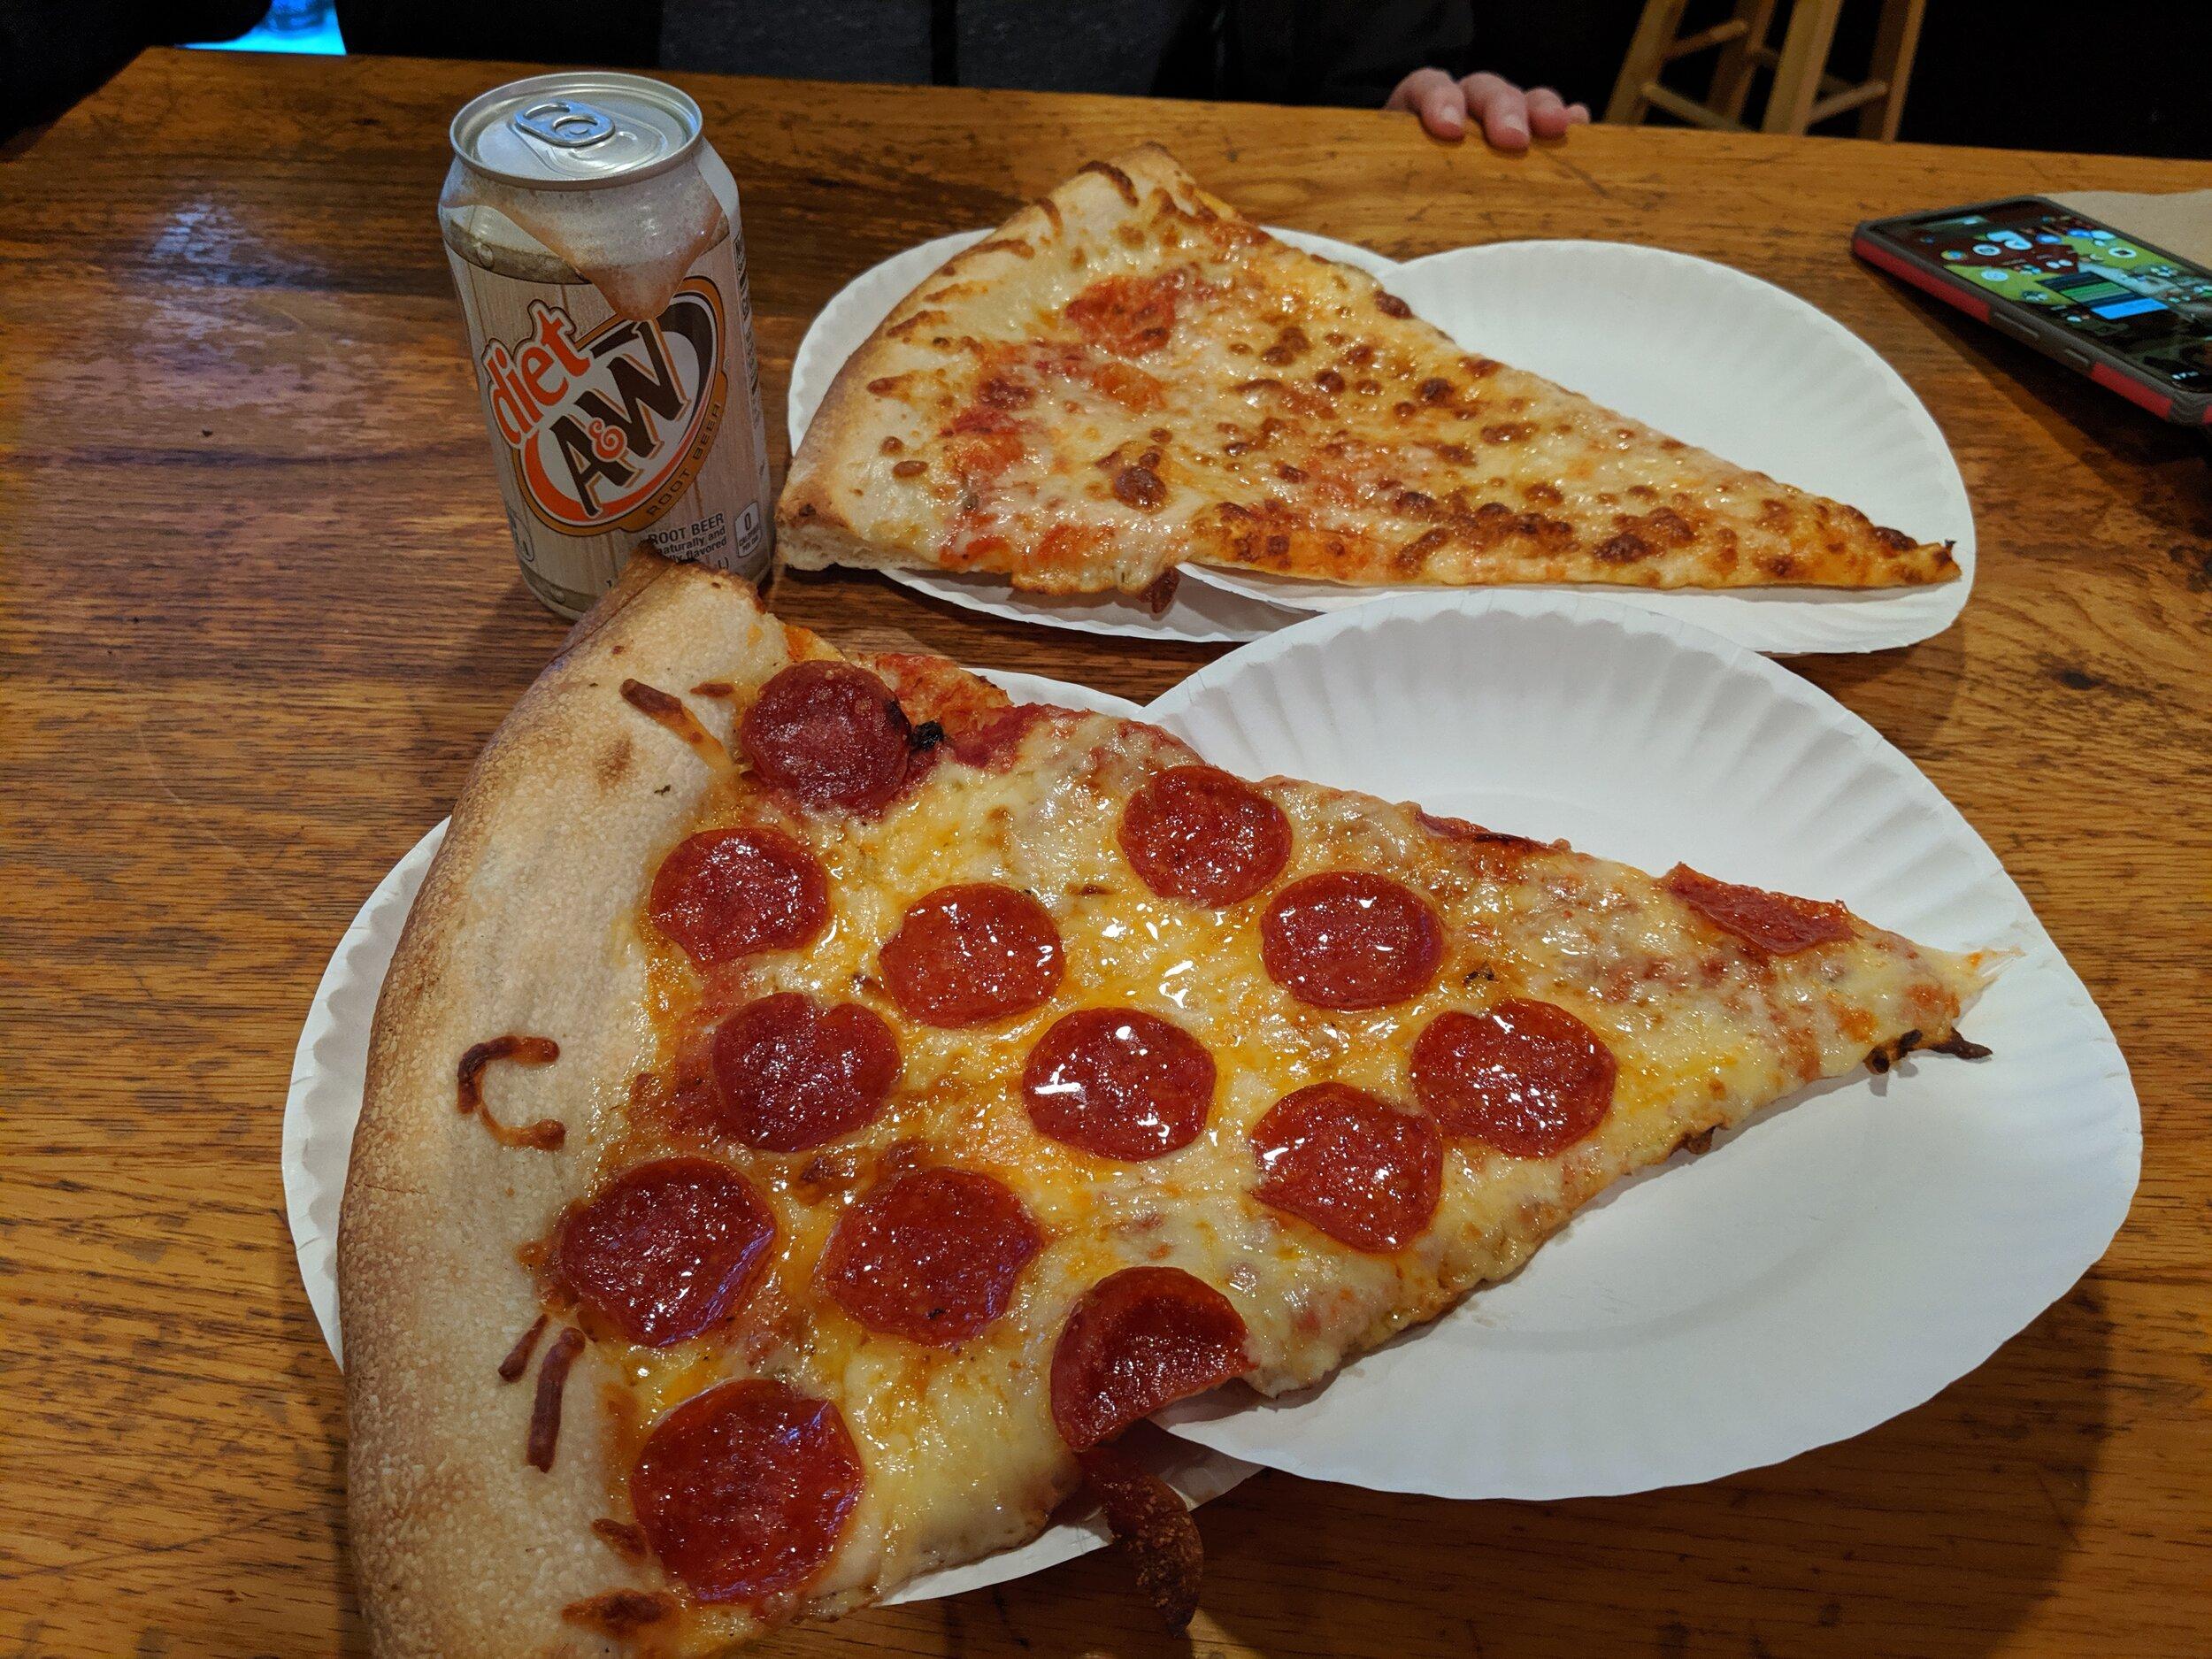 A BIG slice.